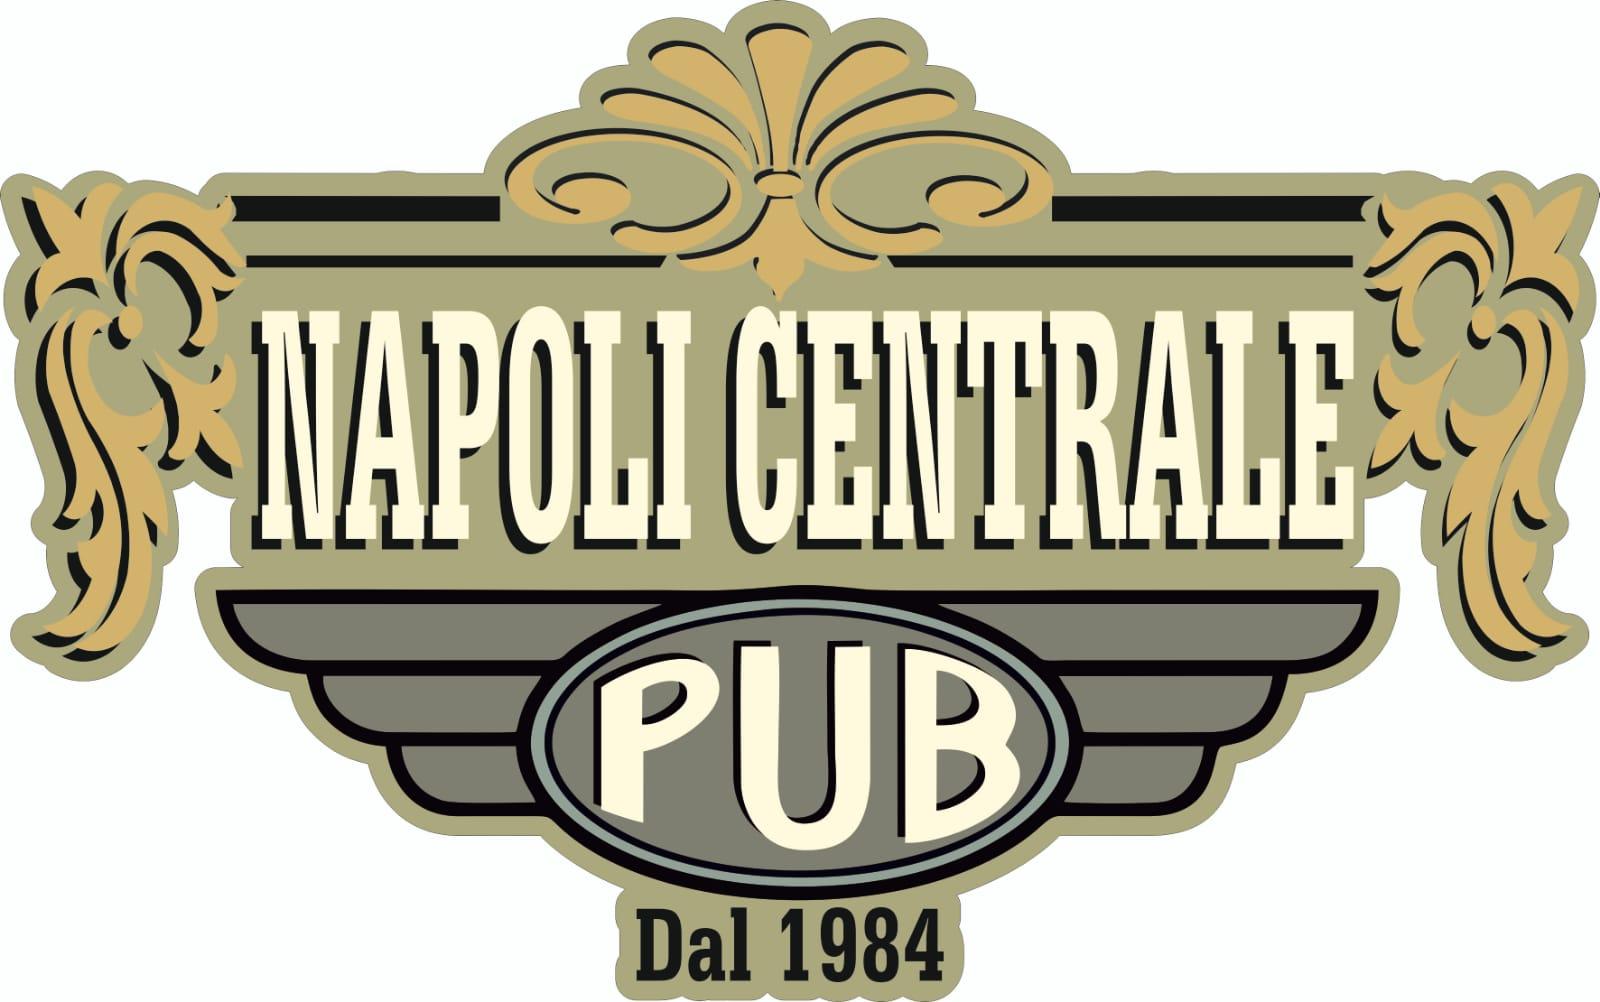 """Mercoledì 18 Luglio riapre """"Napoli Centrale Pub"""""""